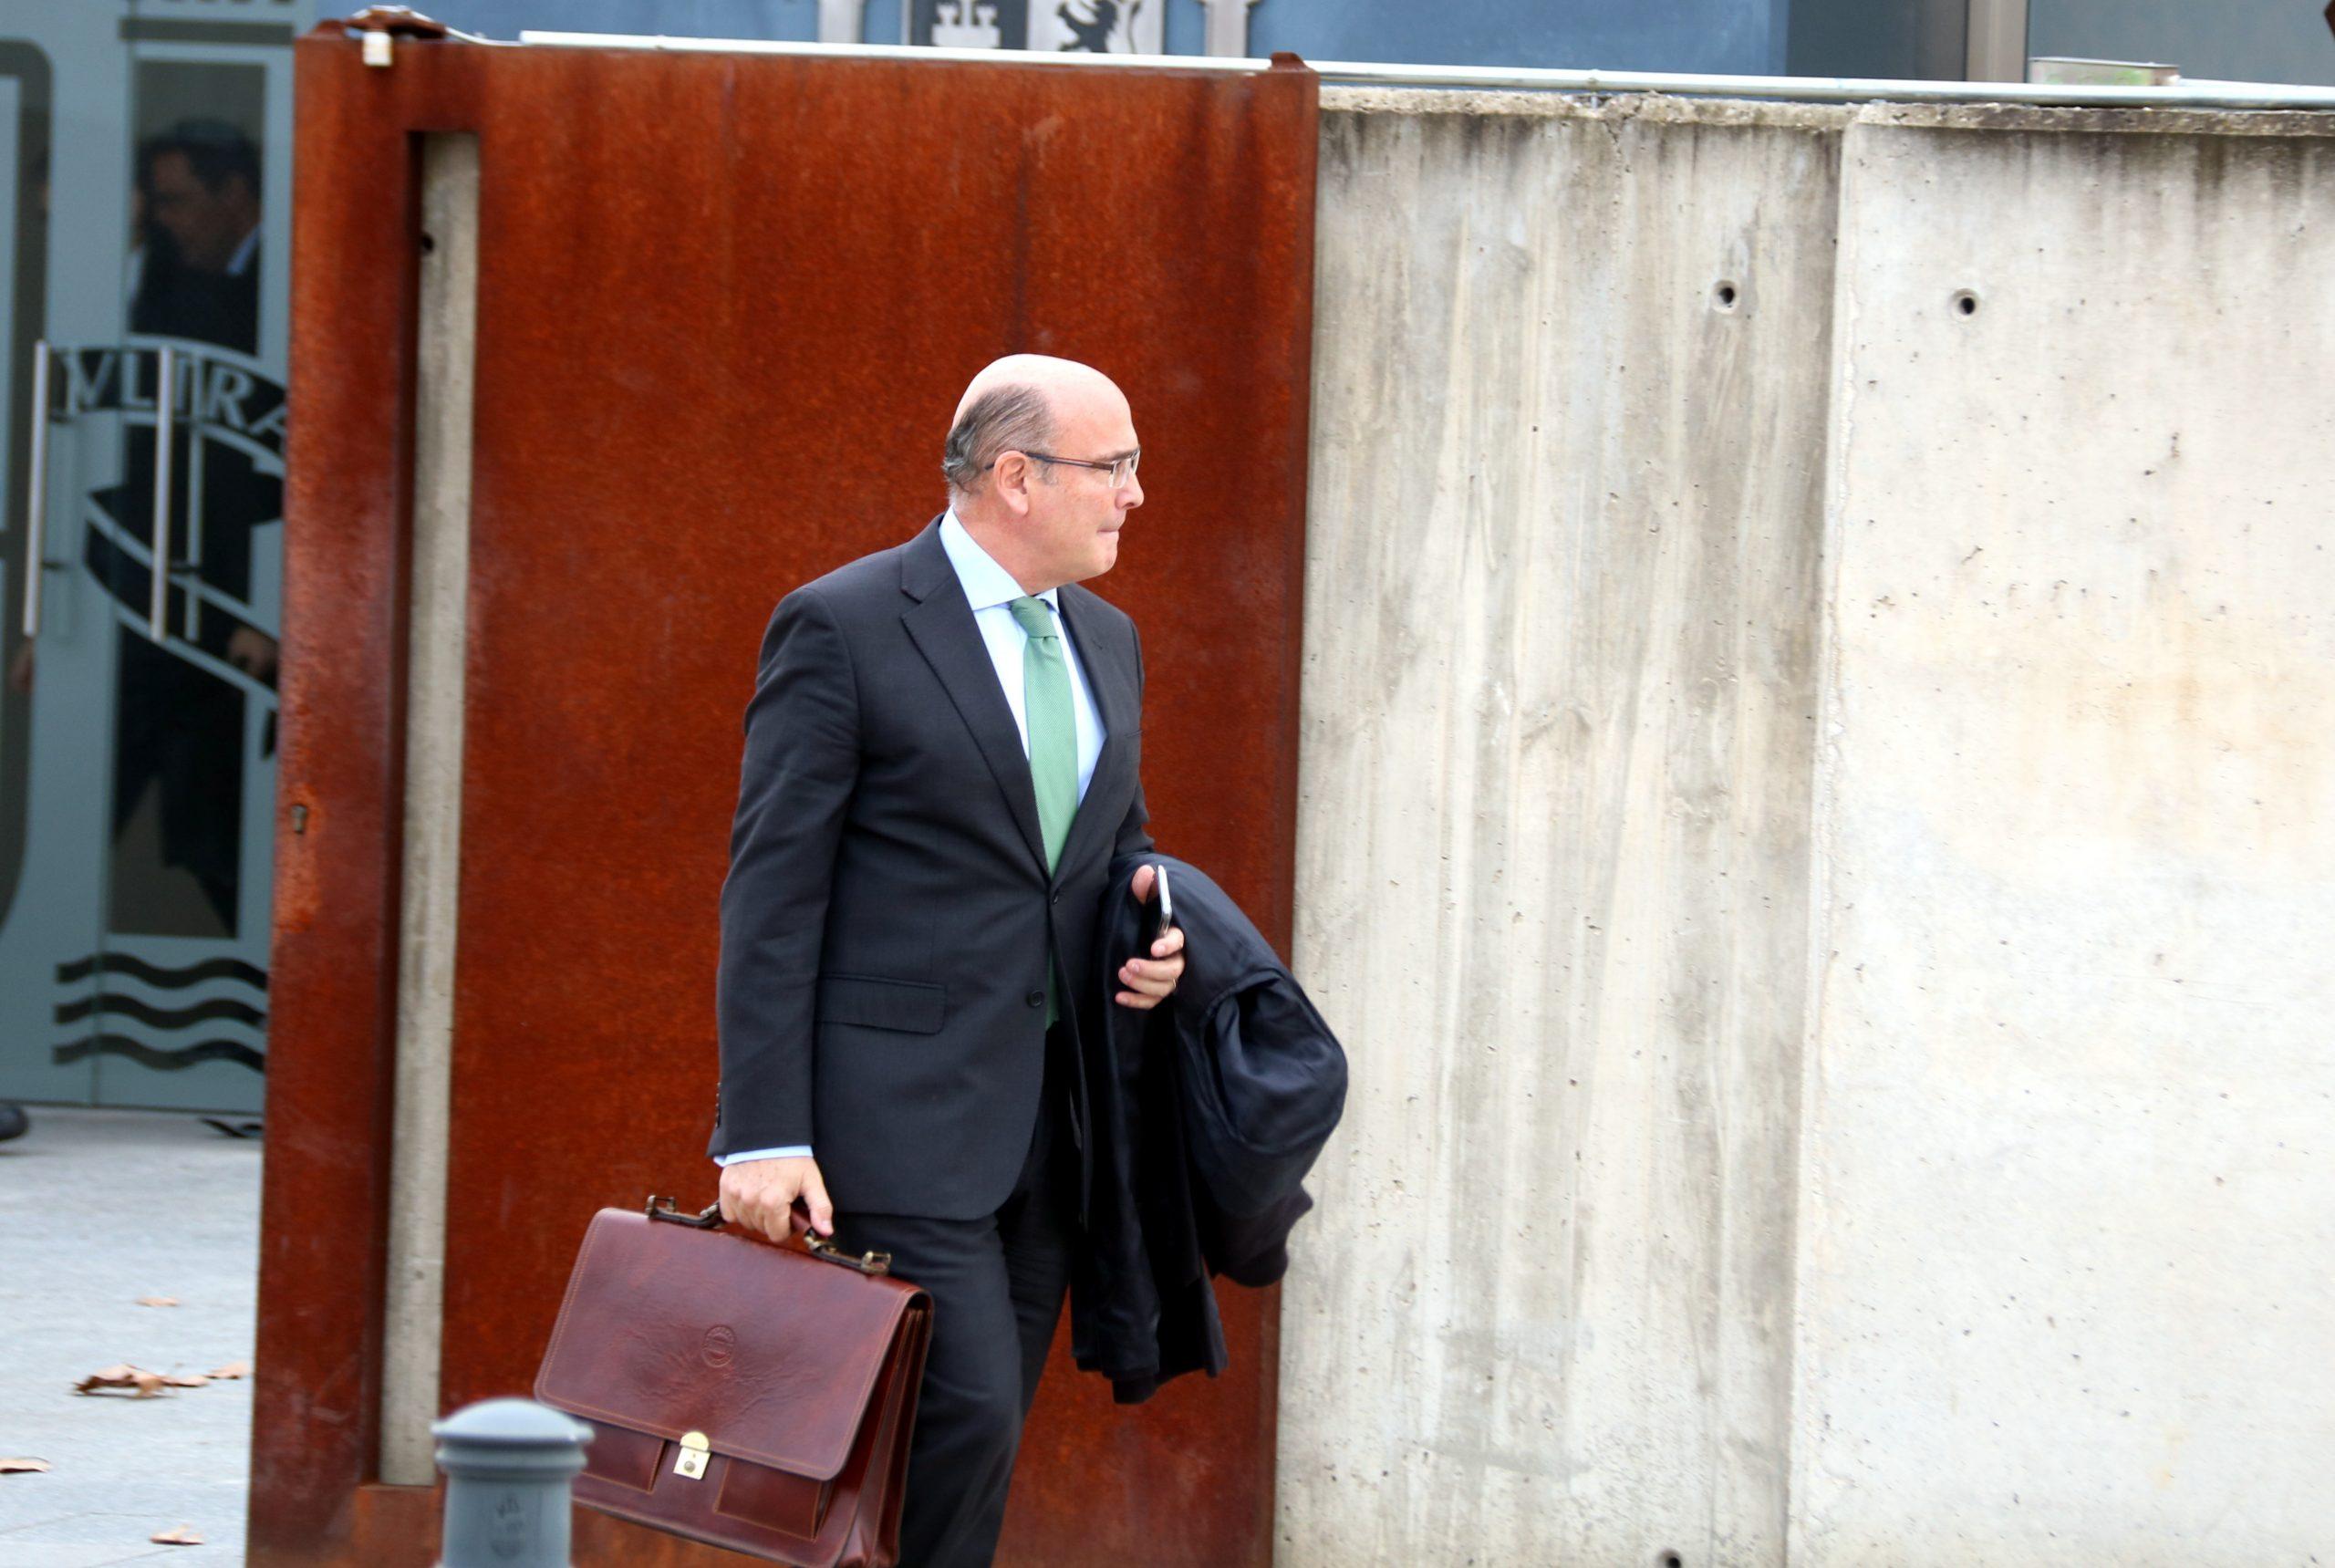 El coronel de la Guàrdia Civil, Diego Pérez de los Cobos, sortint de l'Audiència Nacional després de declarar com a testimoni el 28 de gener del 2020 / ACN